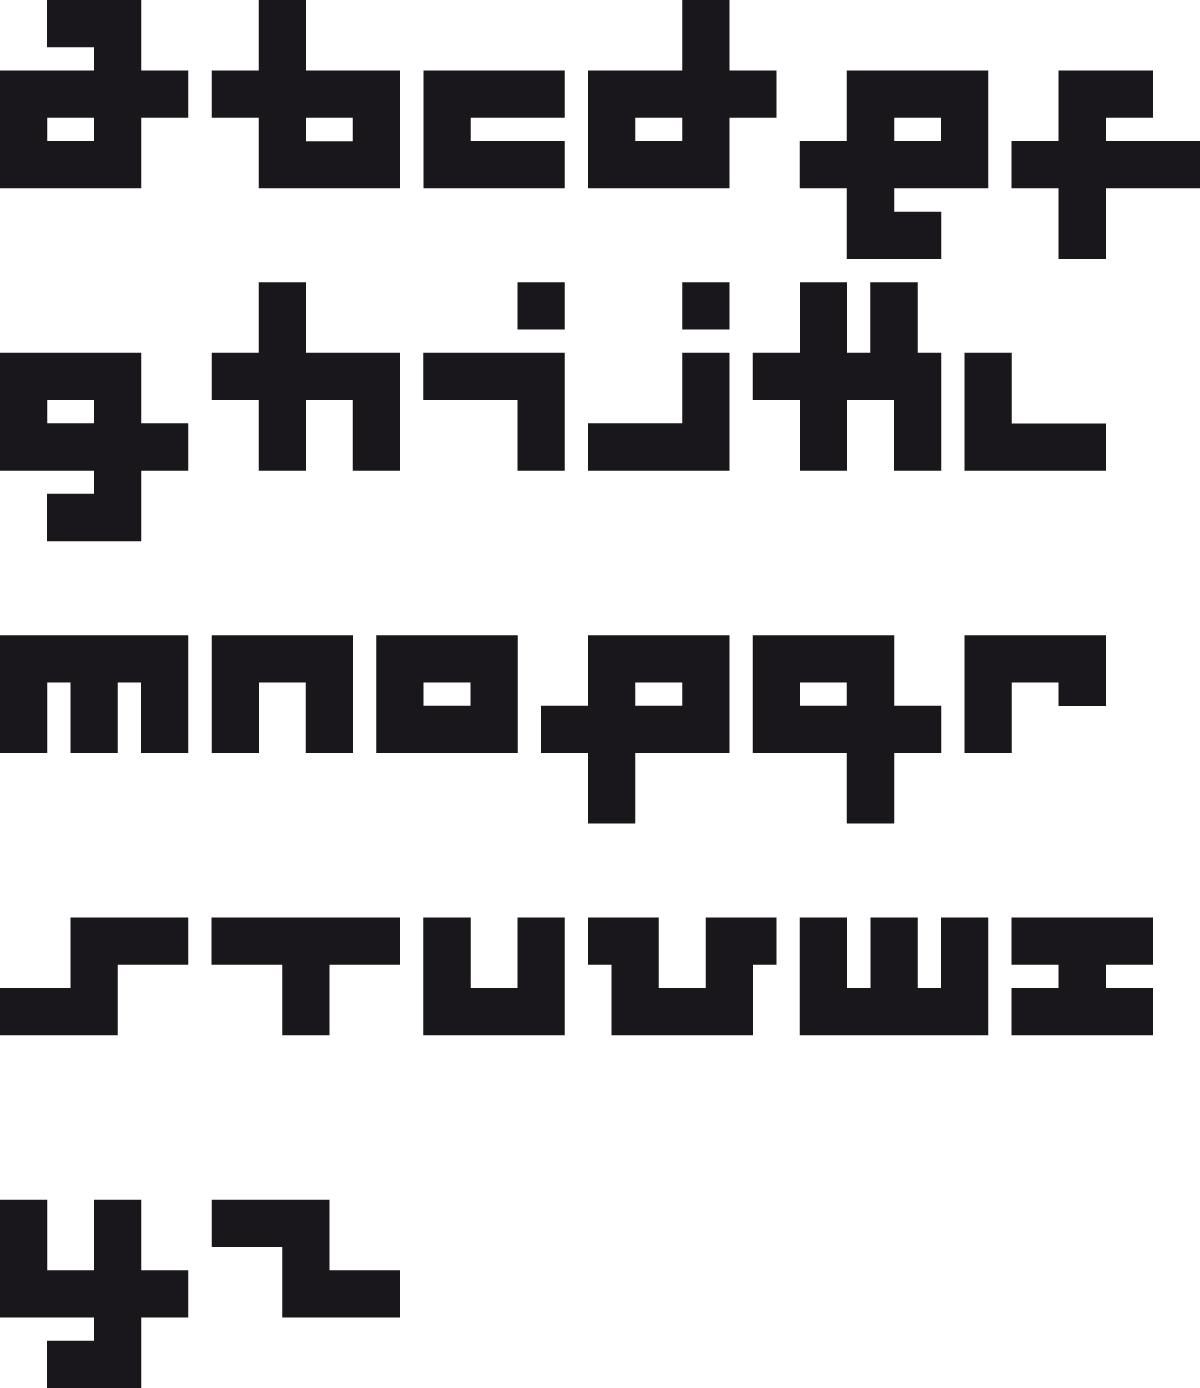 Font Square